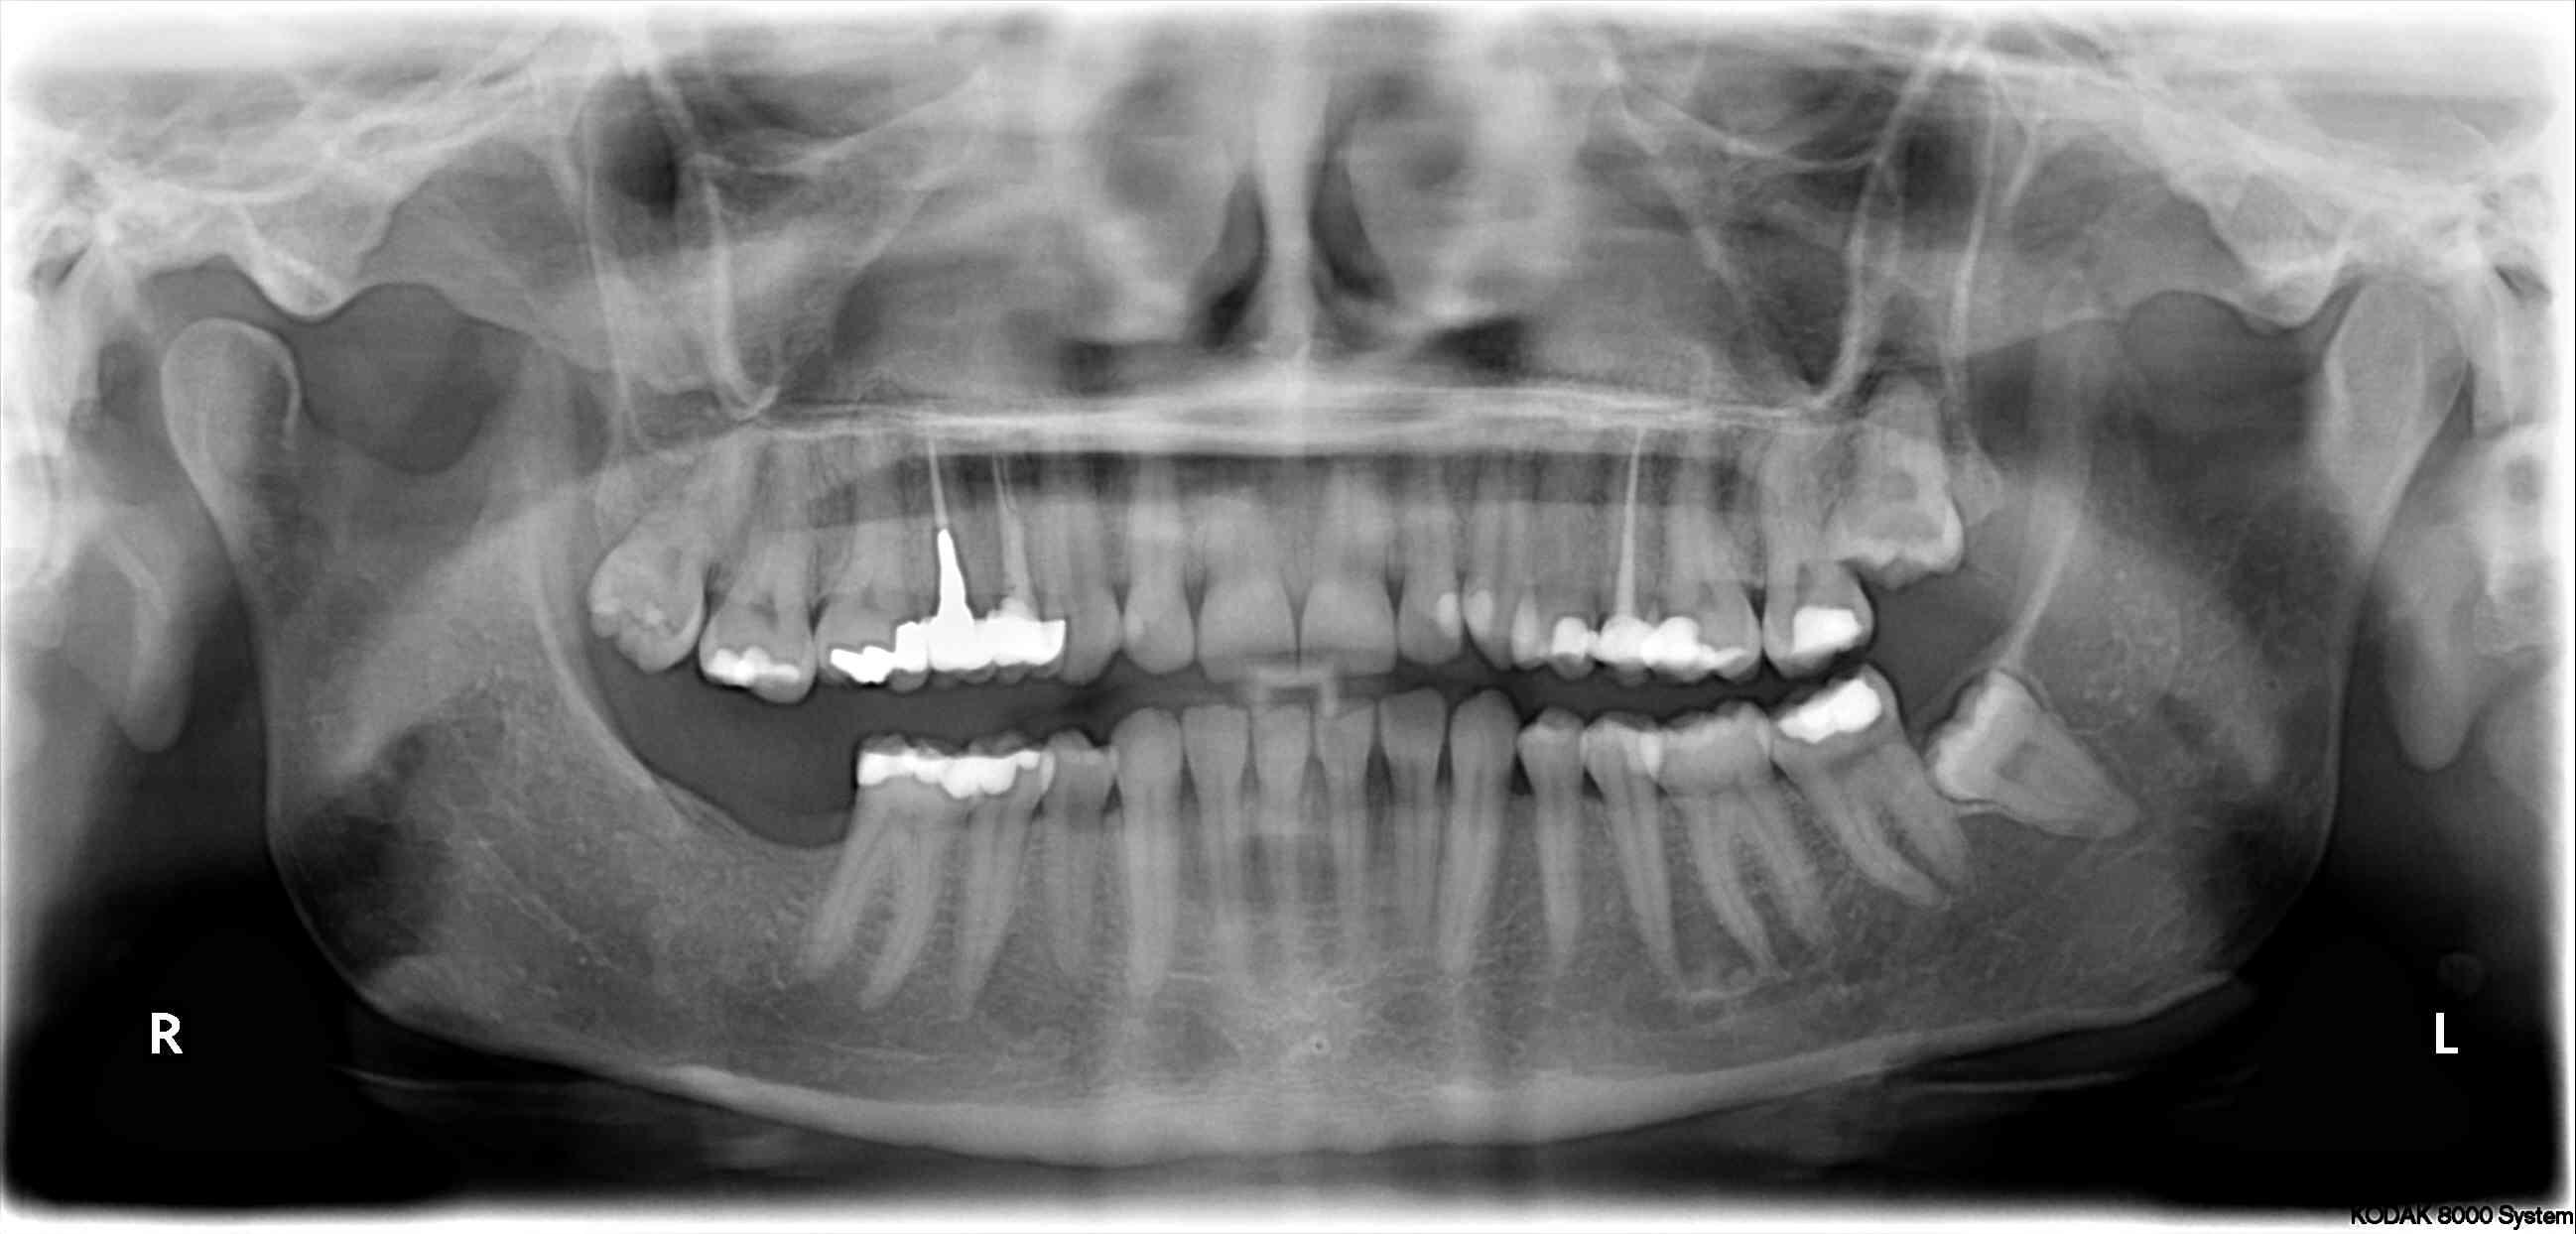 La importancia de la panoramica para realizar un diagnostico correcto.